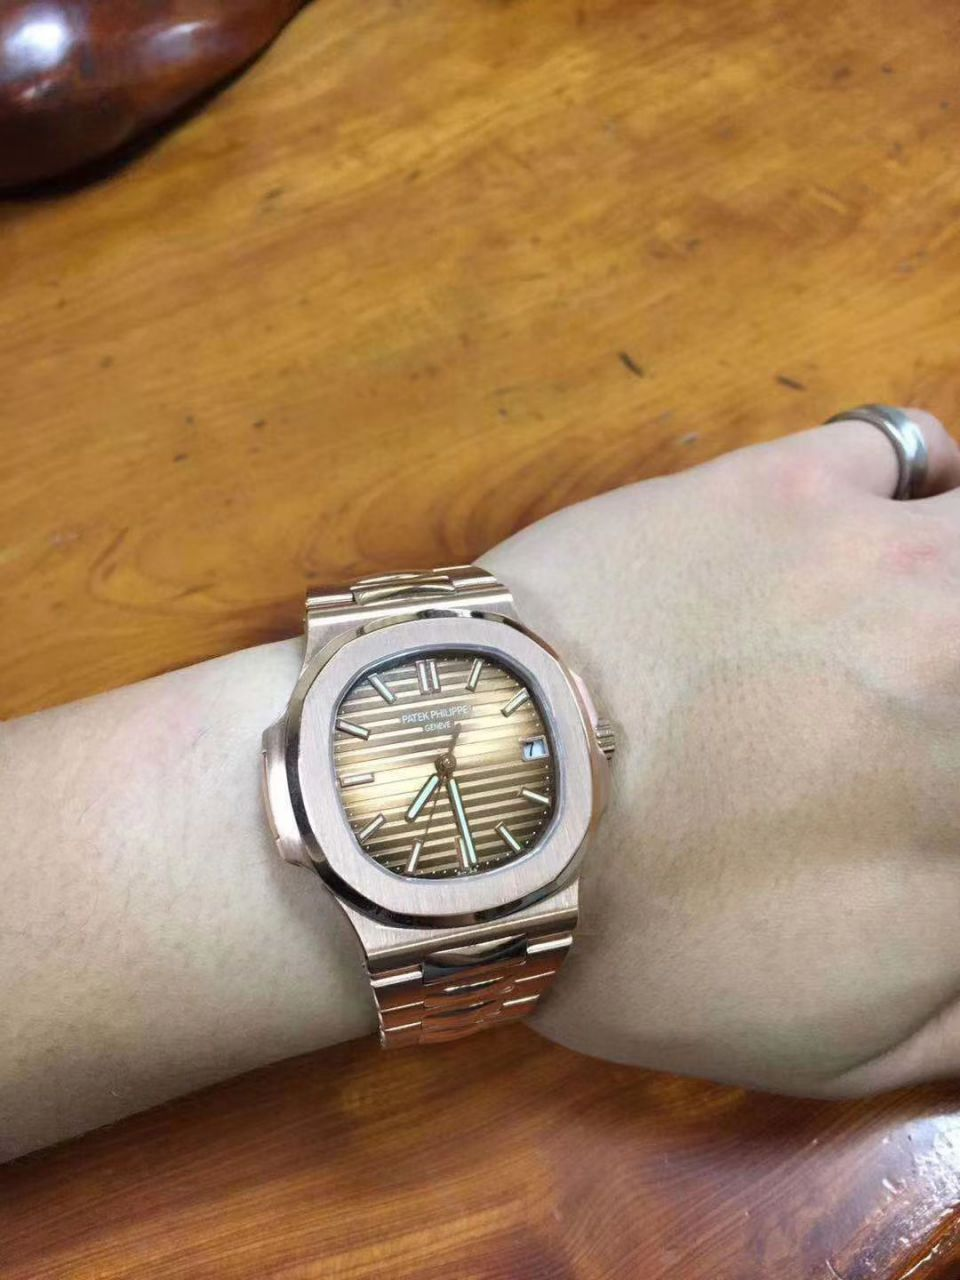 视频评测百达翡丽运动系列5711/1A 010 不锈钢腕表(鹦鹉螺钢王)【PF一比一超A高仿手表】